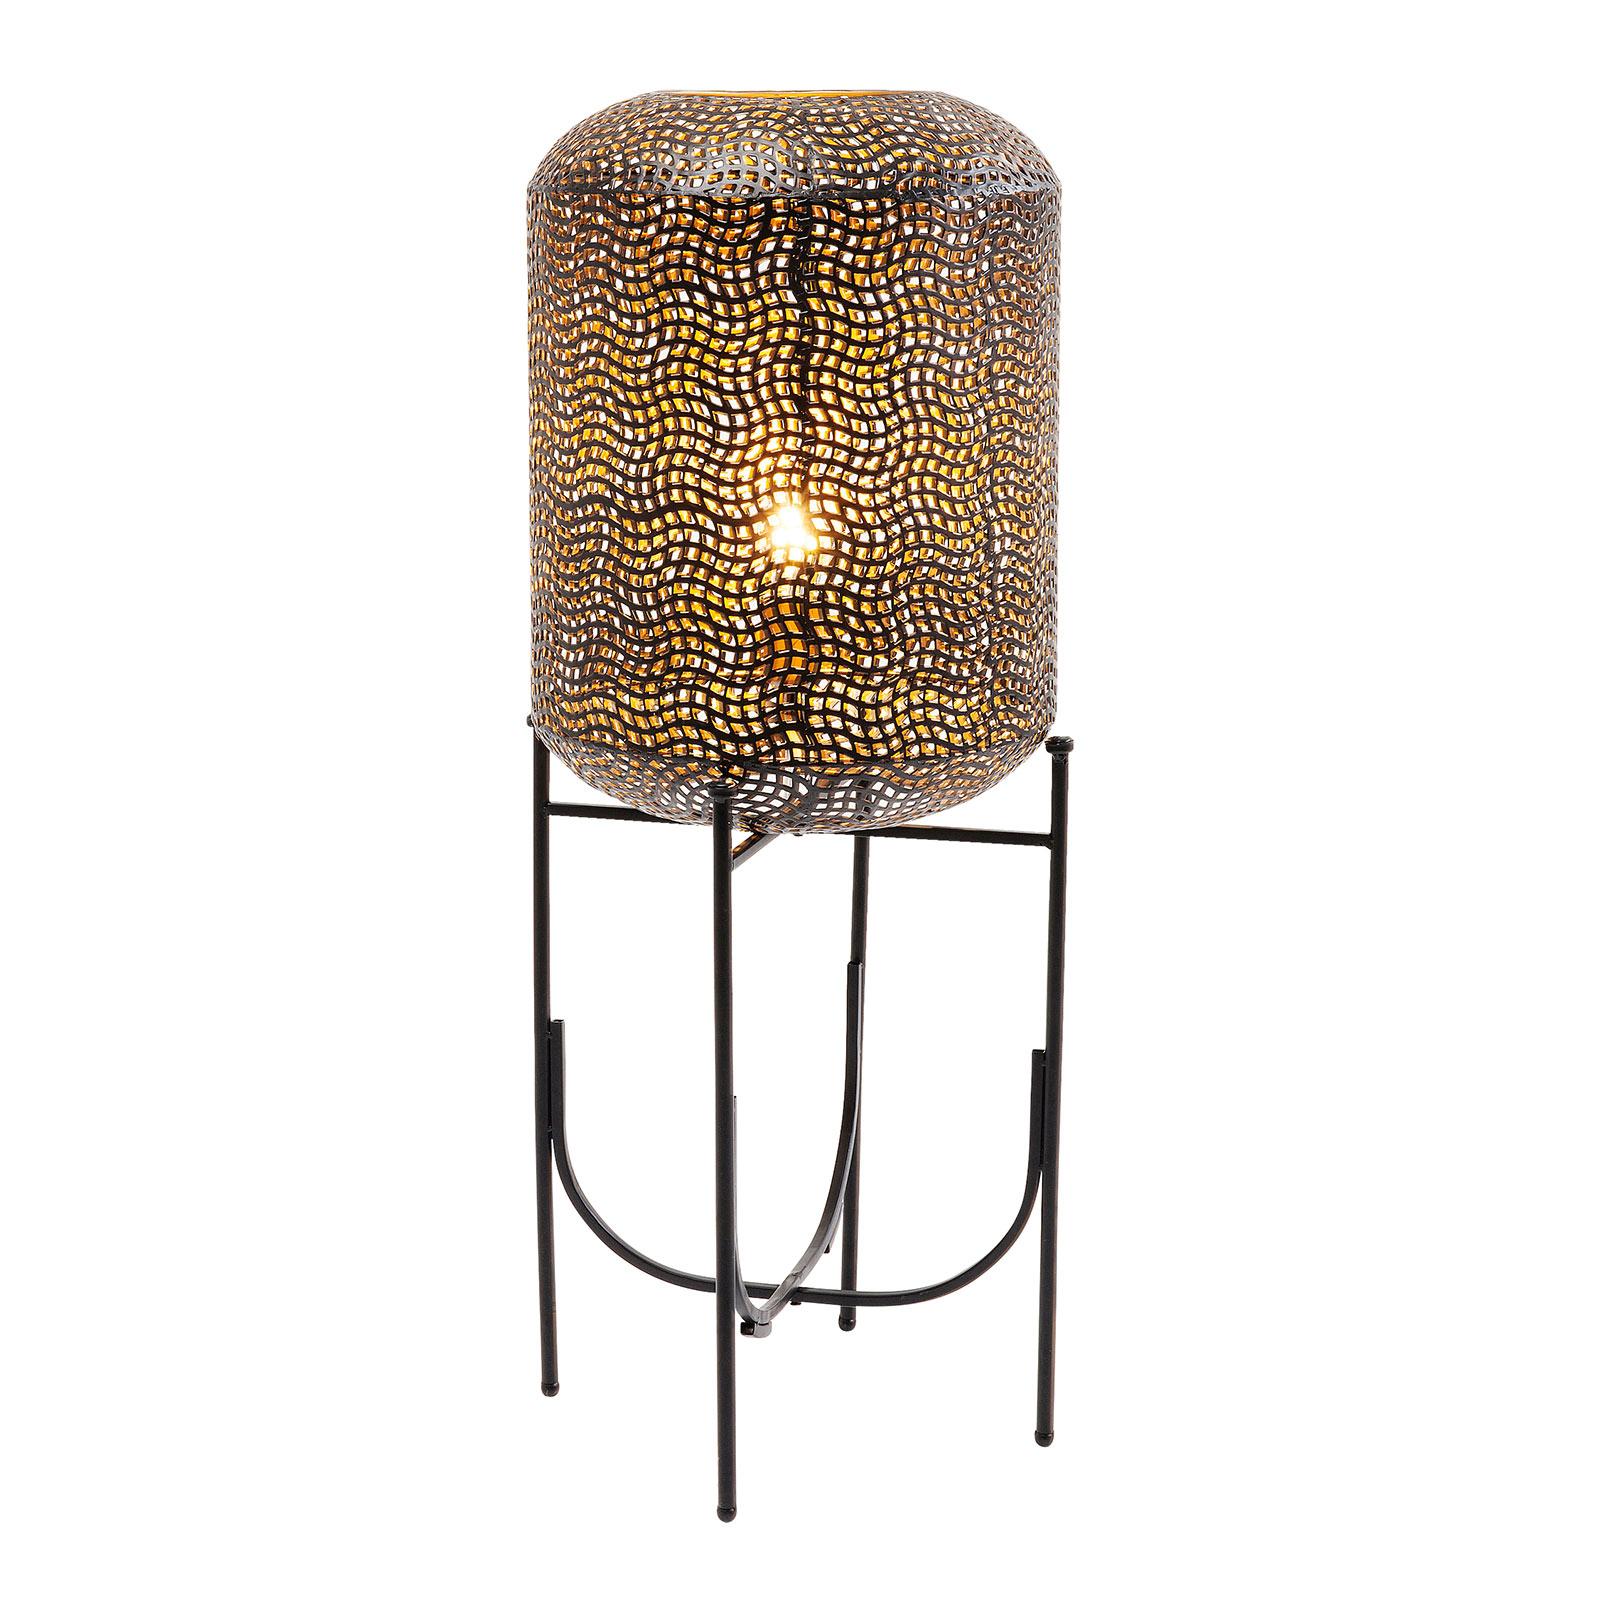 KARE Oasis vloerlamp 92 cm